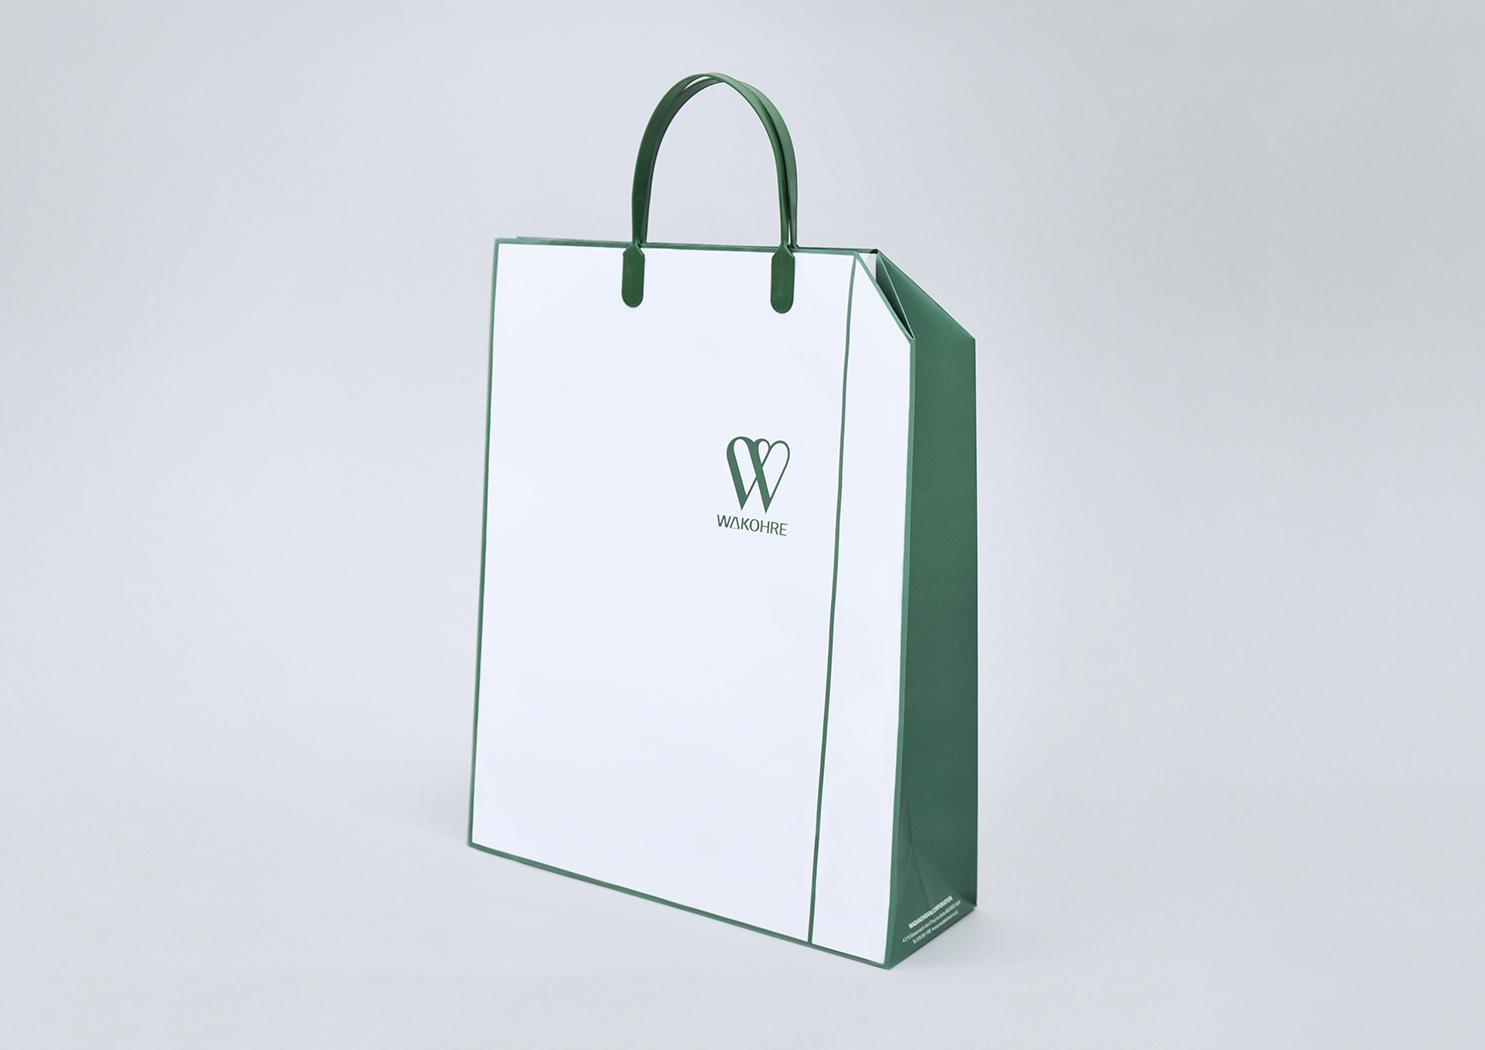 WAKOHRE Bag